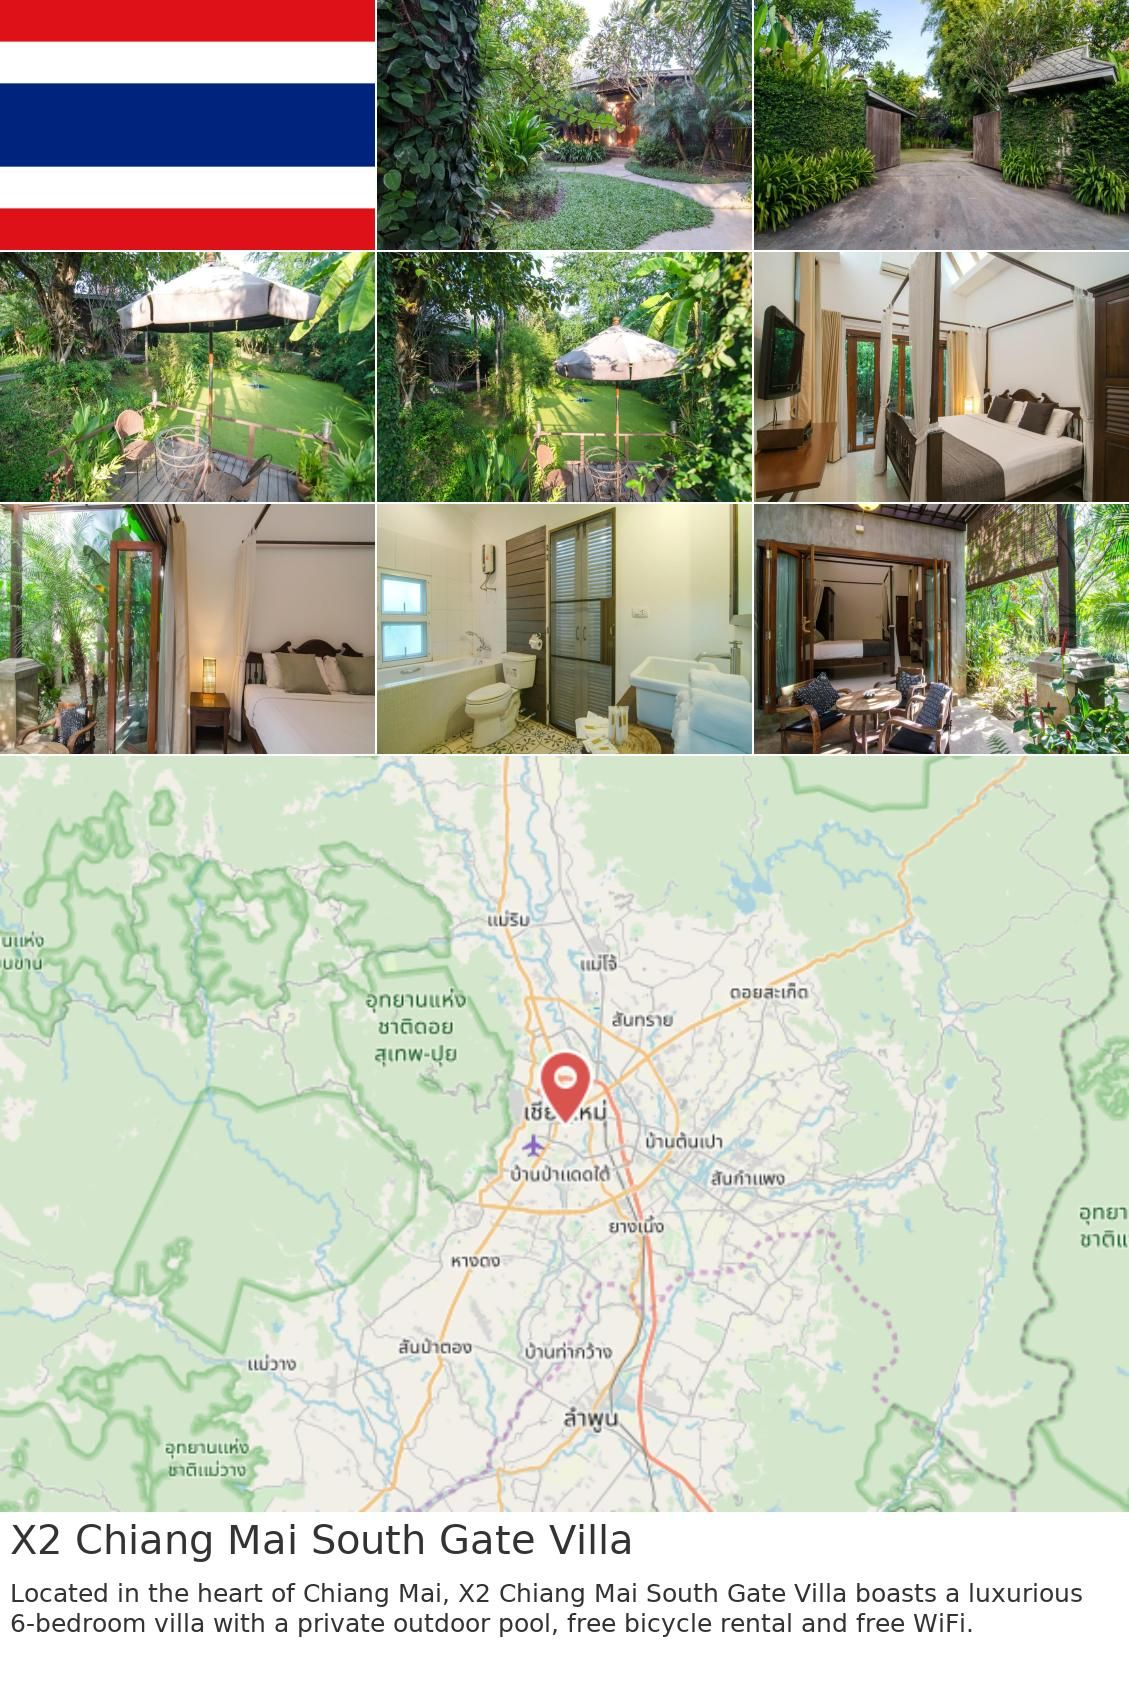 X2 Chiang Mai South Gate Villa In 2019 South Gate Chiang